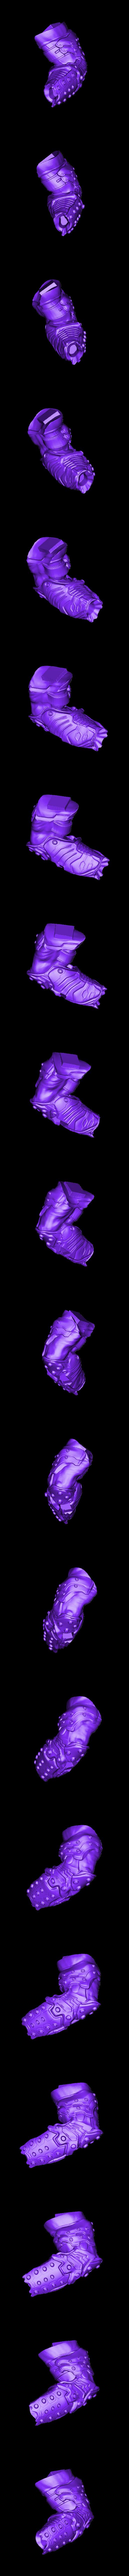 LeftArm.stl Télécharger fichier STL TUEUR À GAGES • Objet à imprimer en 3D, freeclimbingbo